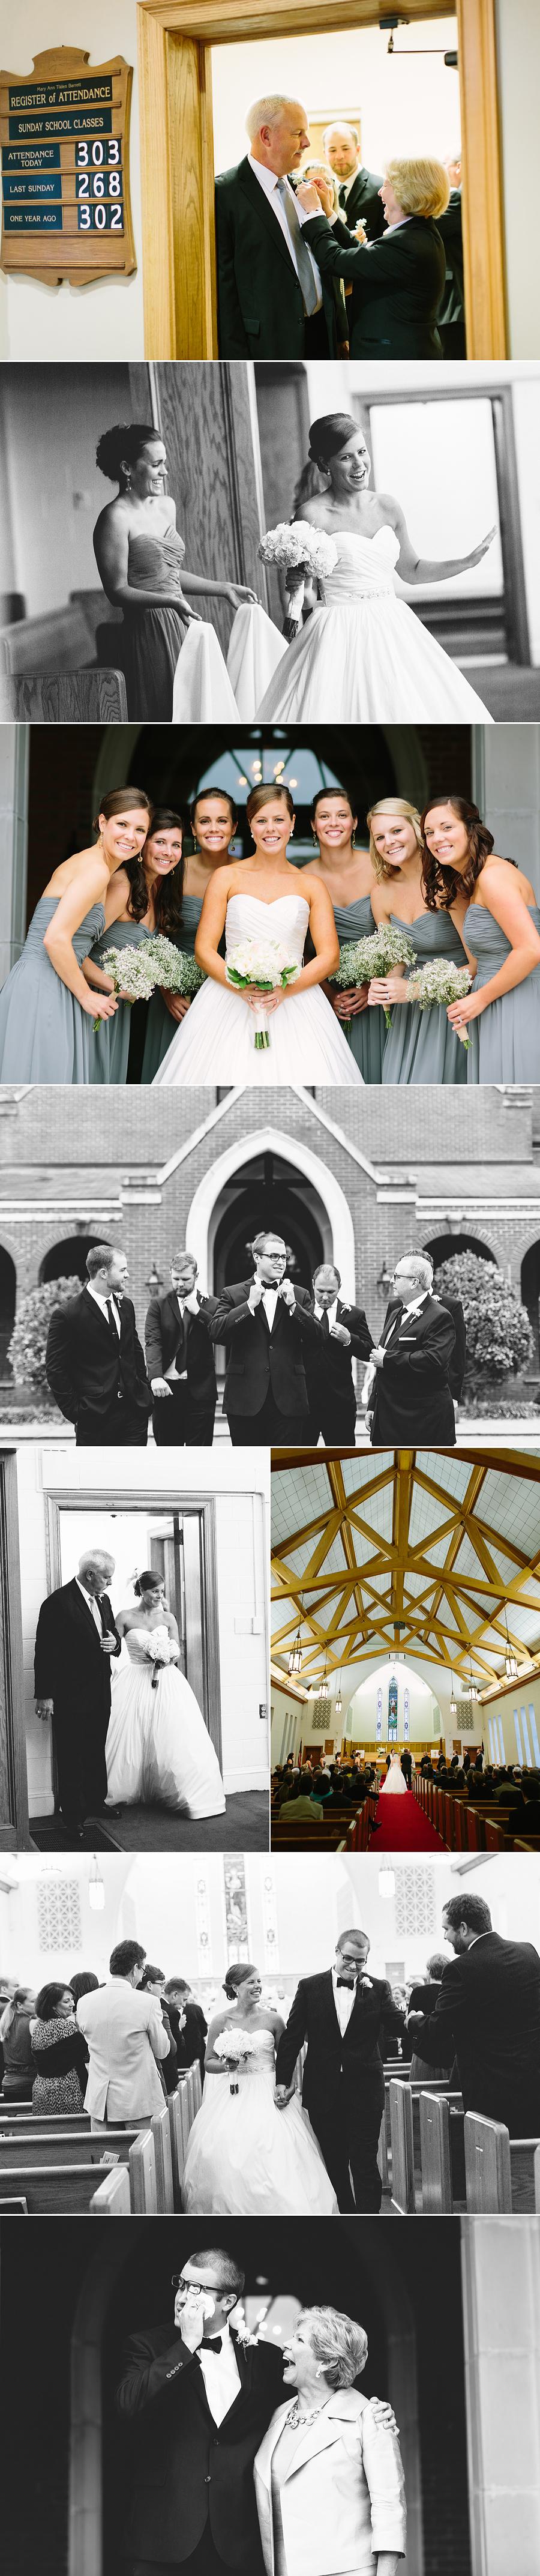 Wilmington, NC Wedding Photography